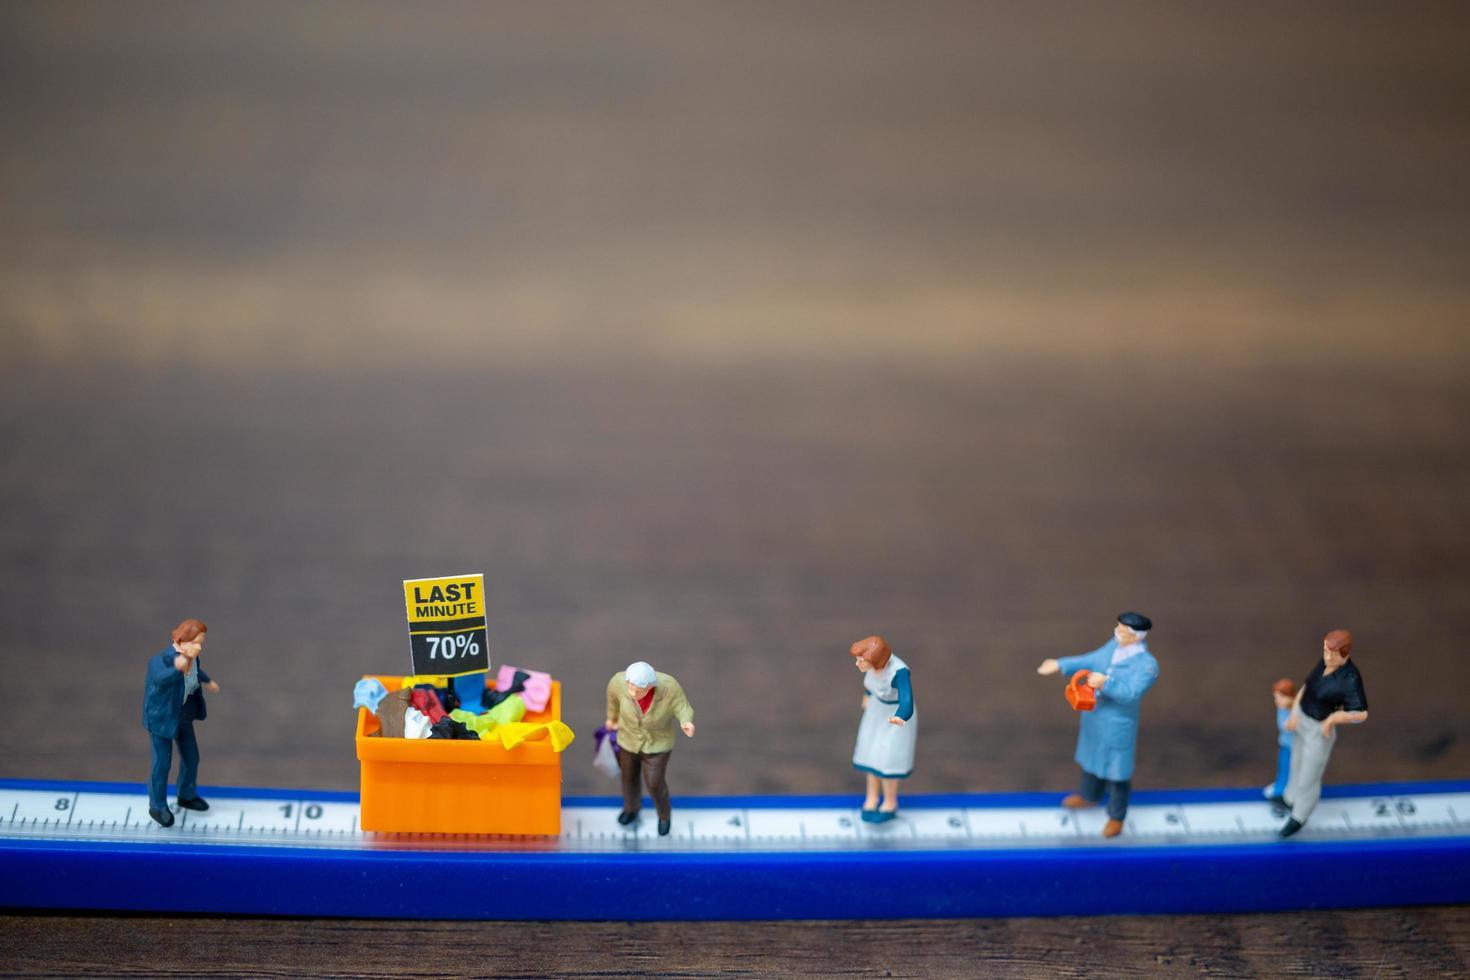 persone in miniatura che tengono le distanze in un centro commerciale foto